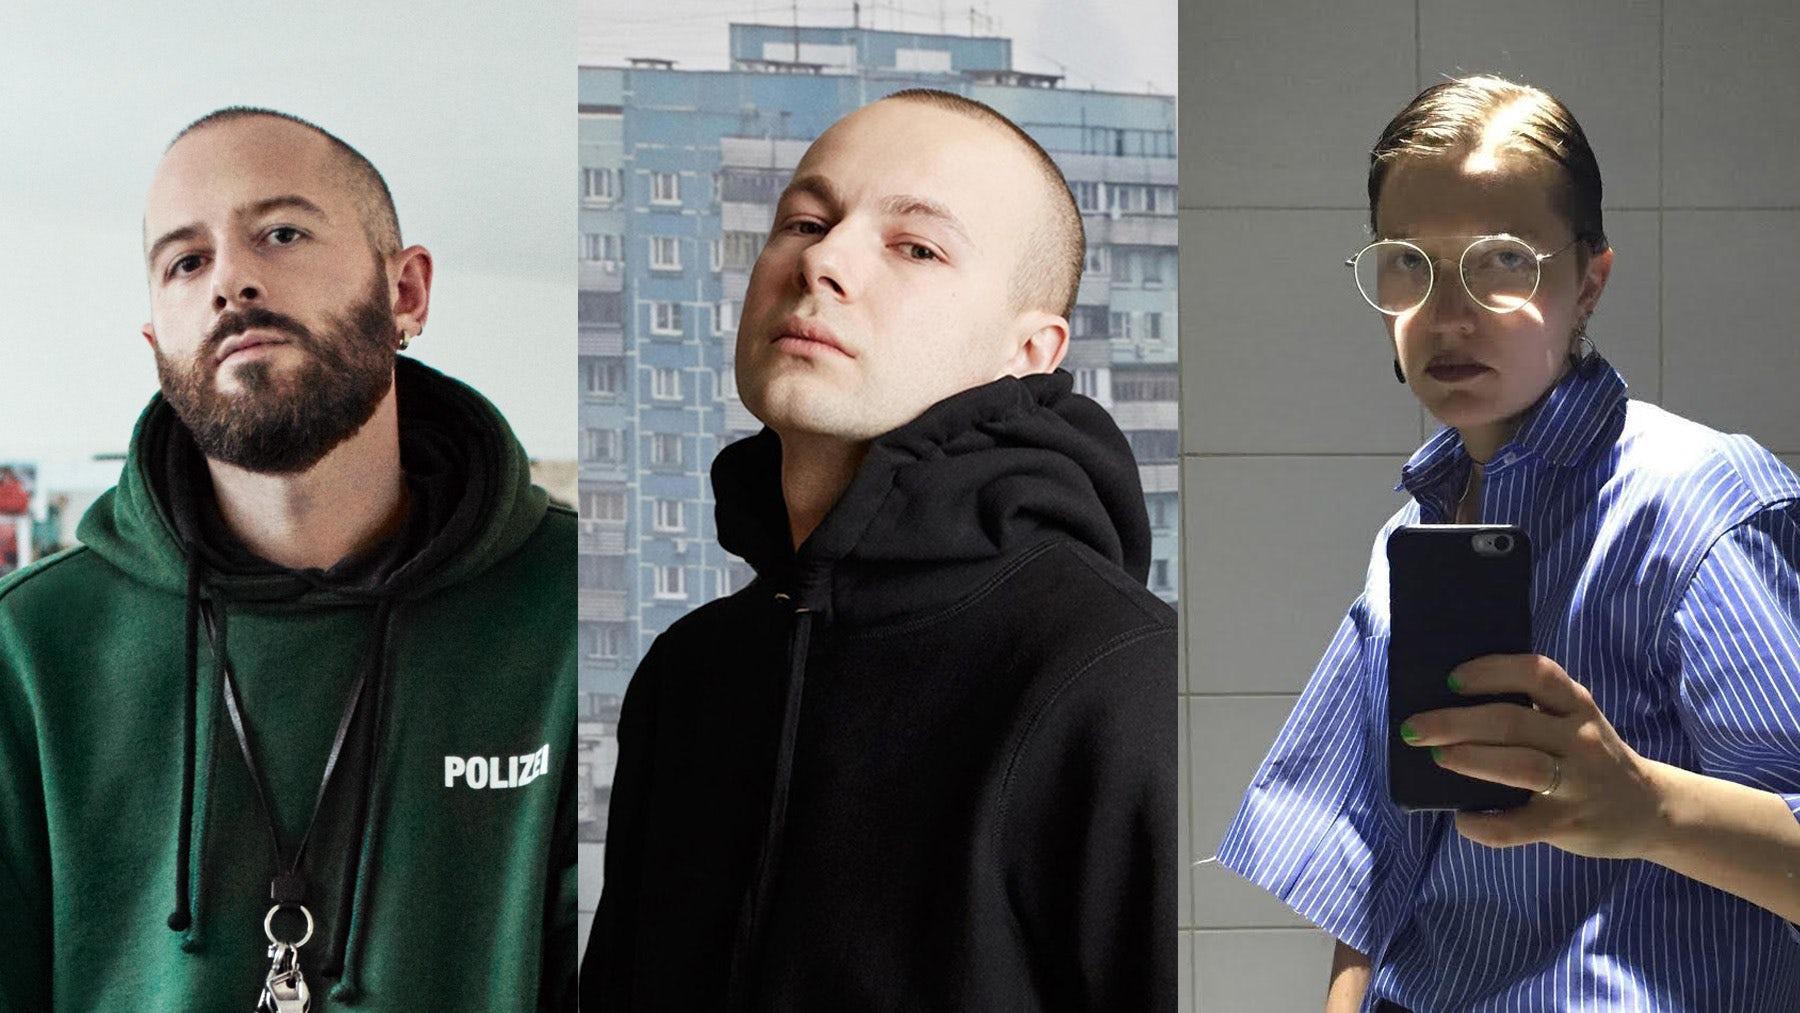 From left: Demna Gvasalia by Willy Vanderperre for BoF, Gosha Rubchinskiy and Lotta Volkova (both courtesy)